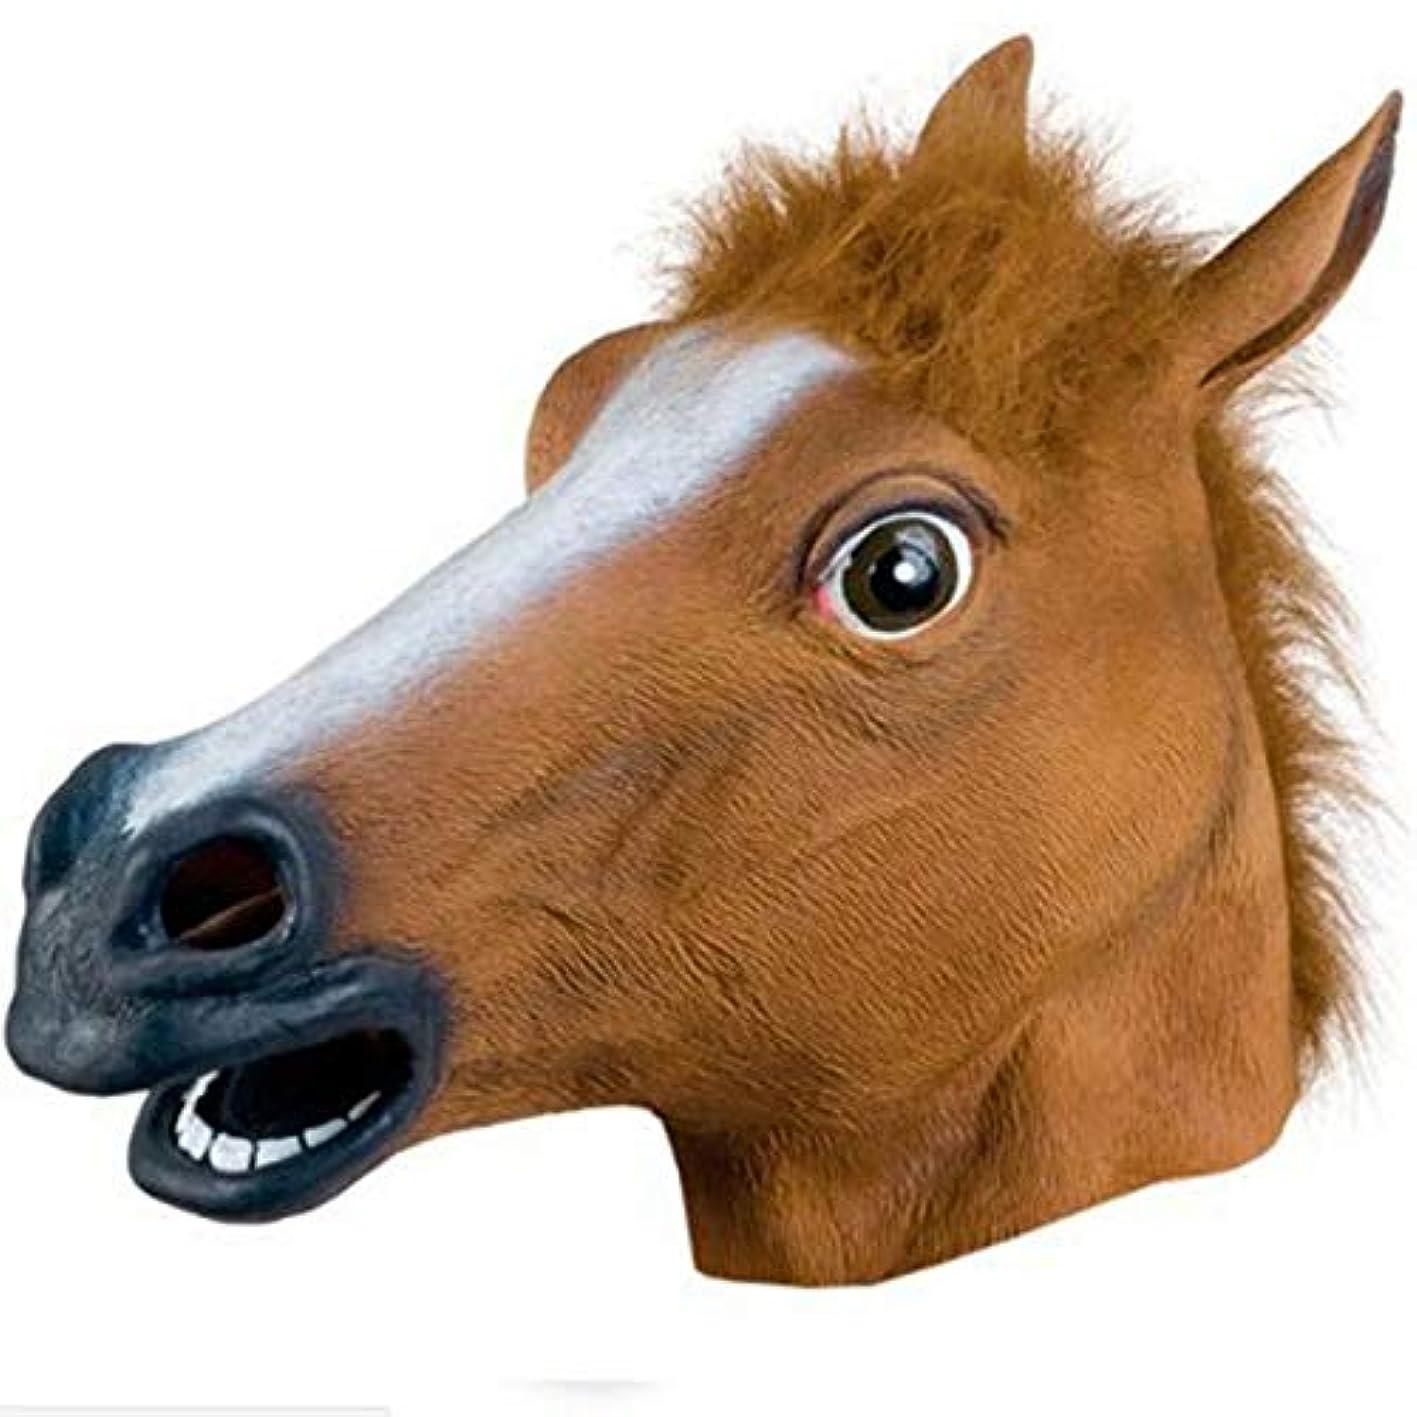 憧れブランド名急行する馬の頭の仮面舞踏会おかしい面白いハロウィーンの馬の頭のマスクのかつら,ブラウン